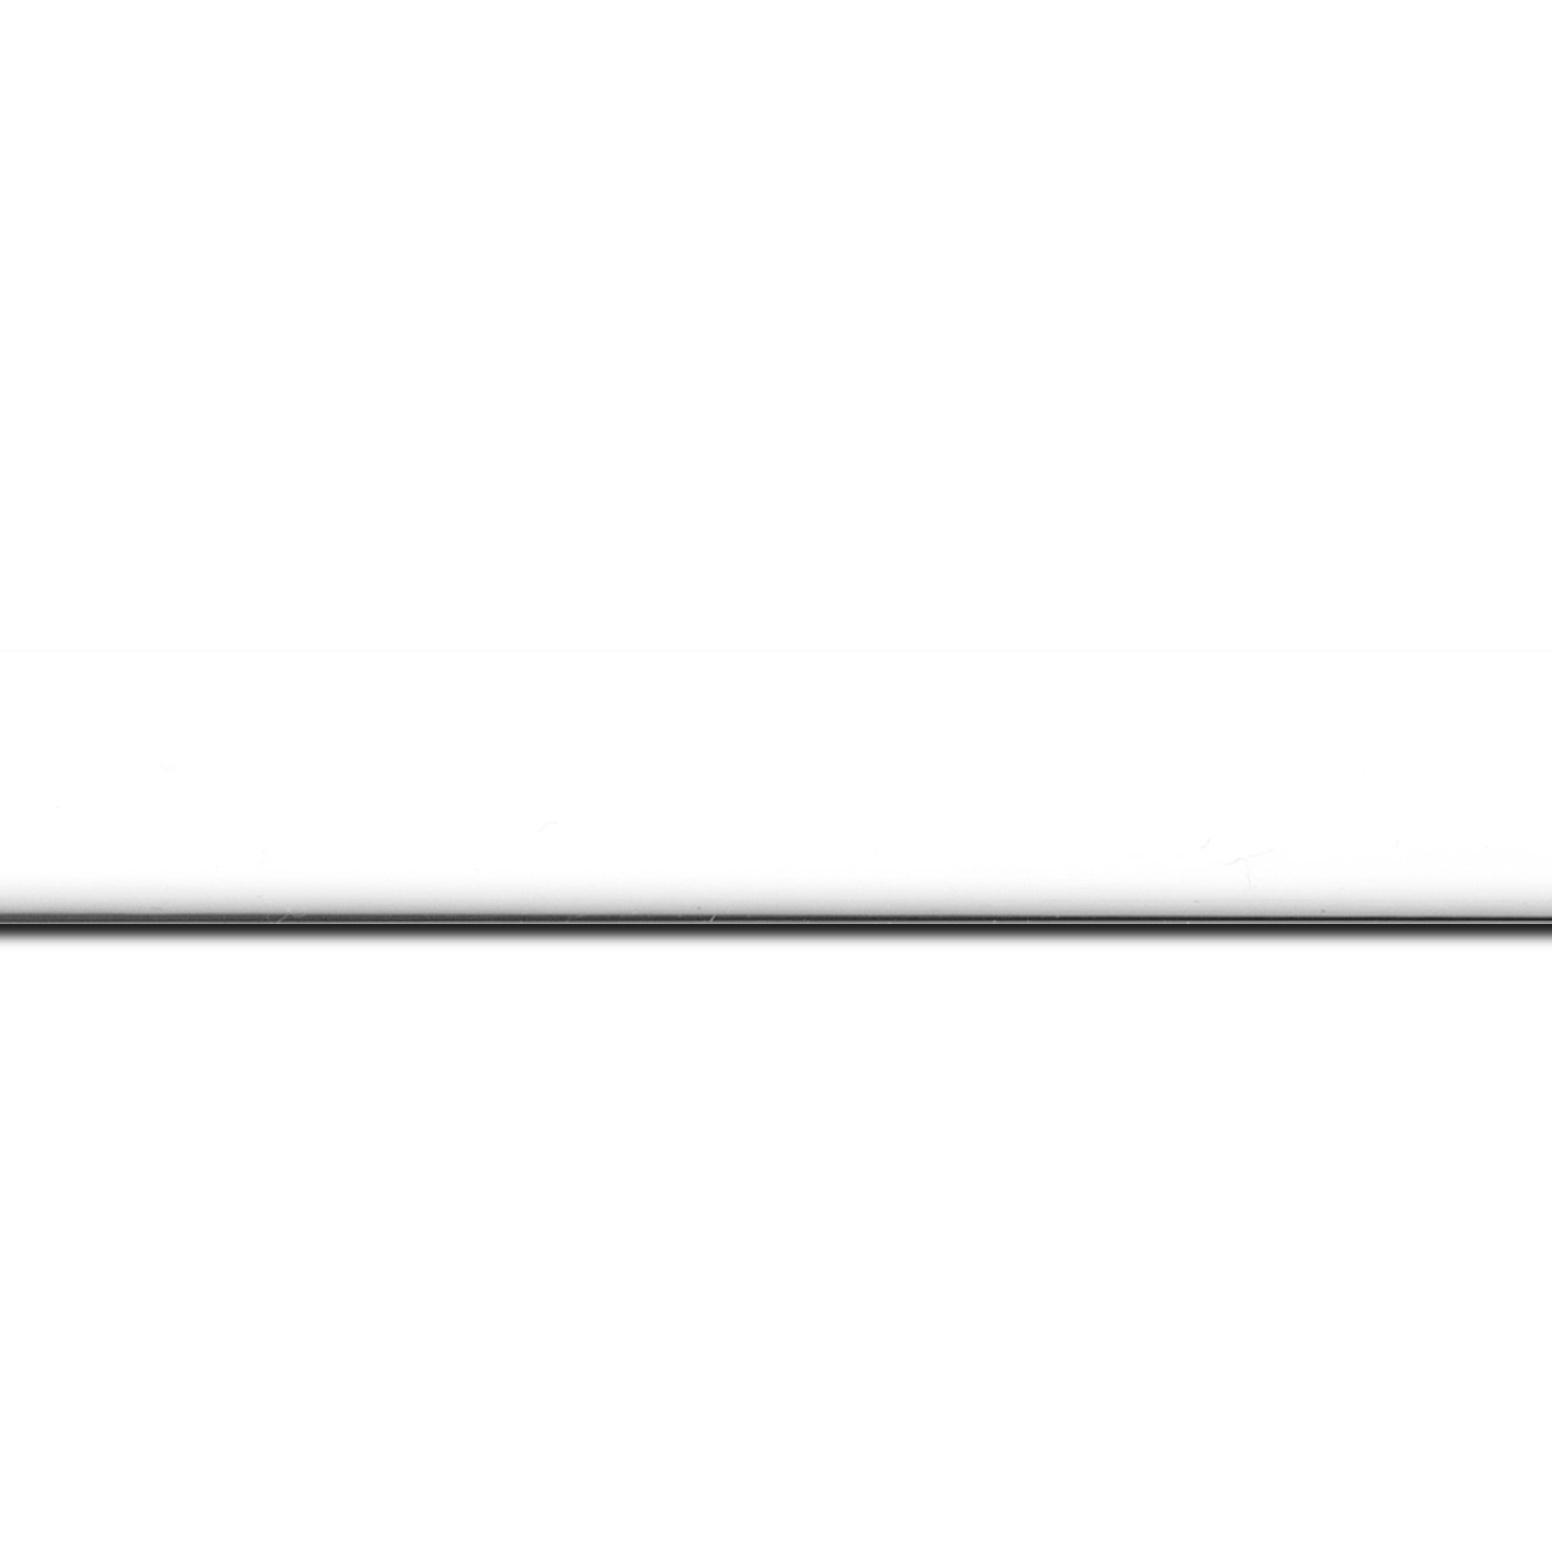 Baguette longueur 1.40m bois profil méplat largeur 2.3cm couleur blanc laqué